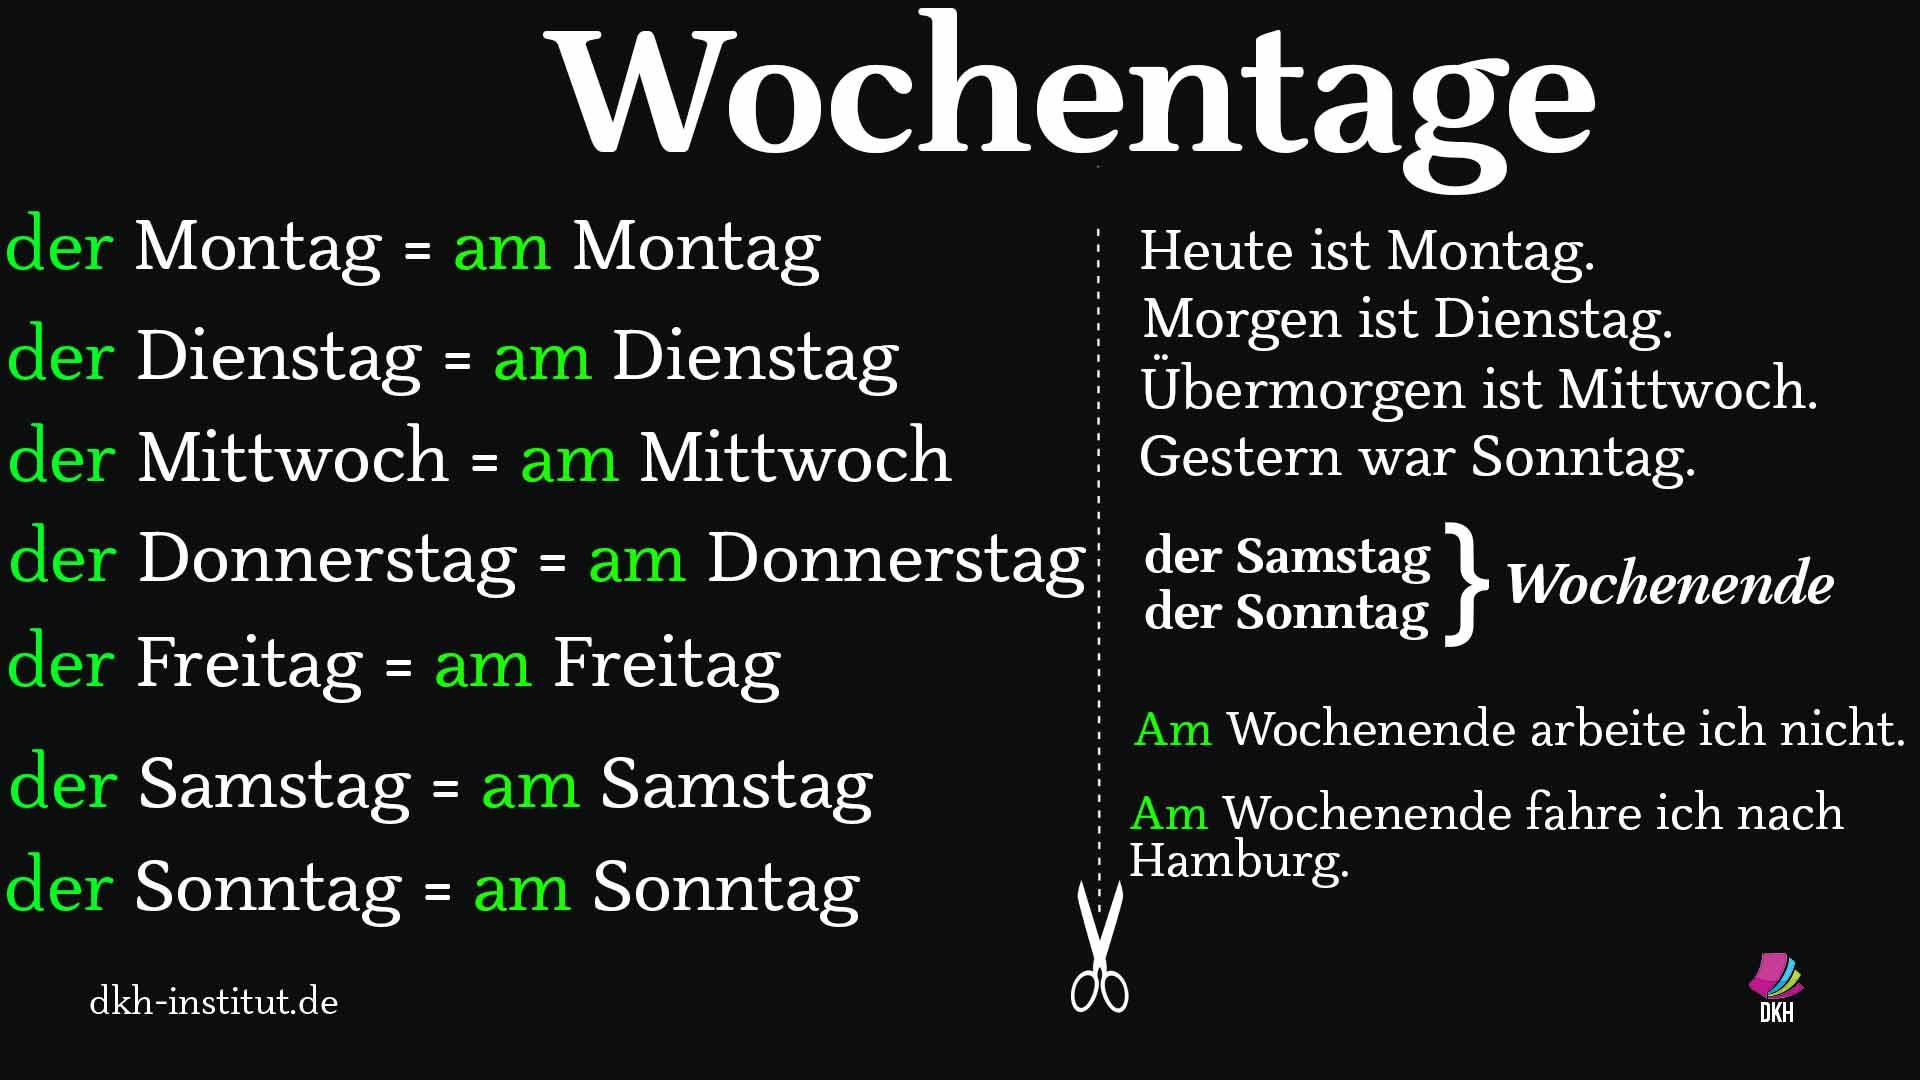 #wochentage